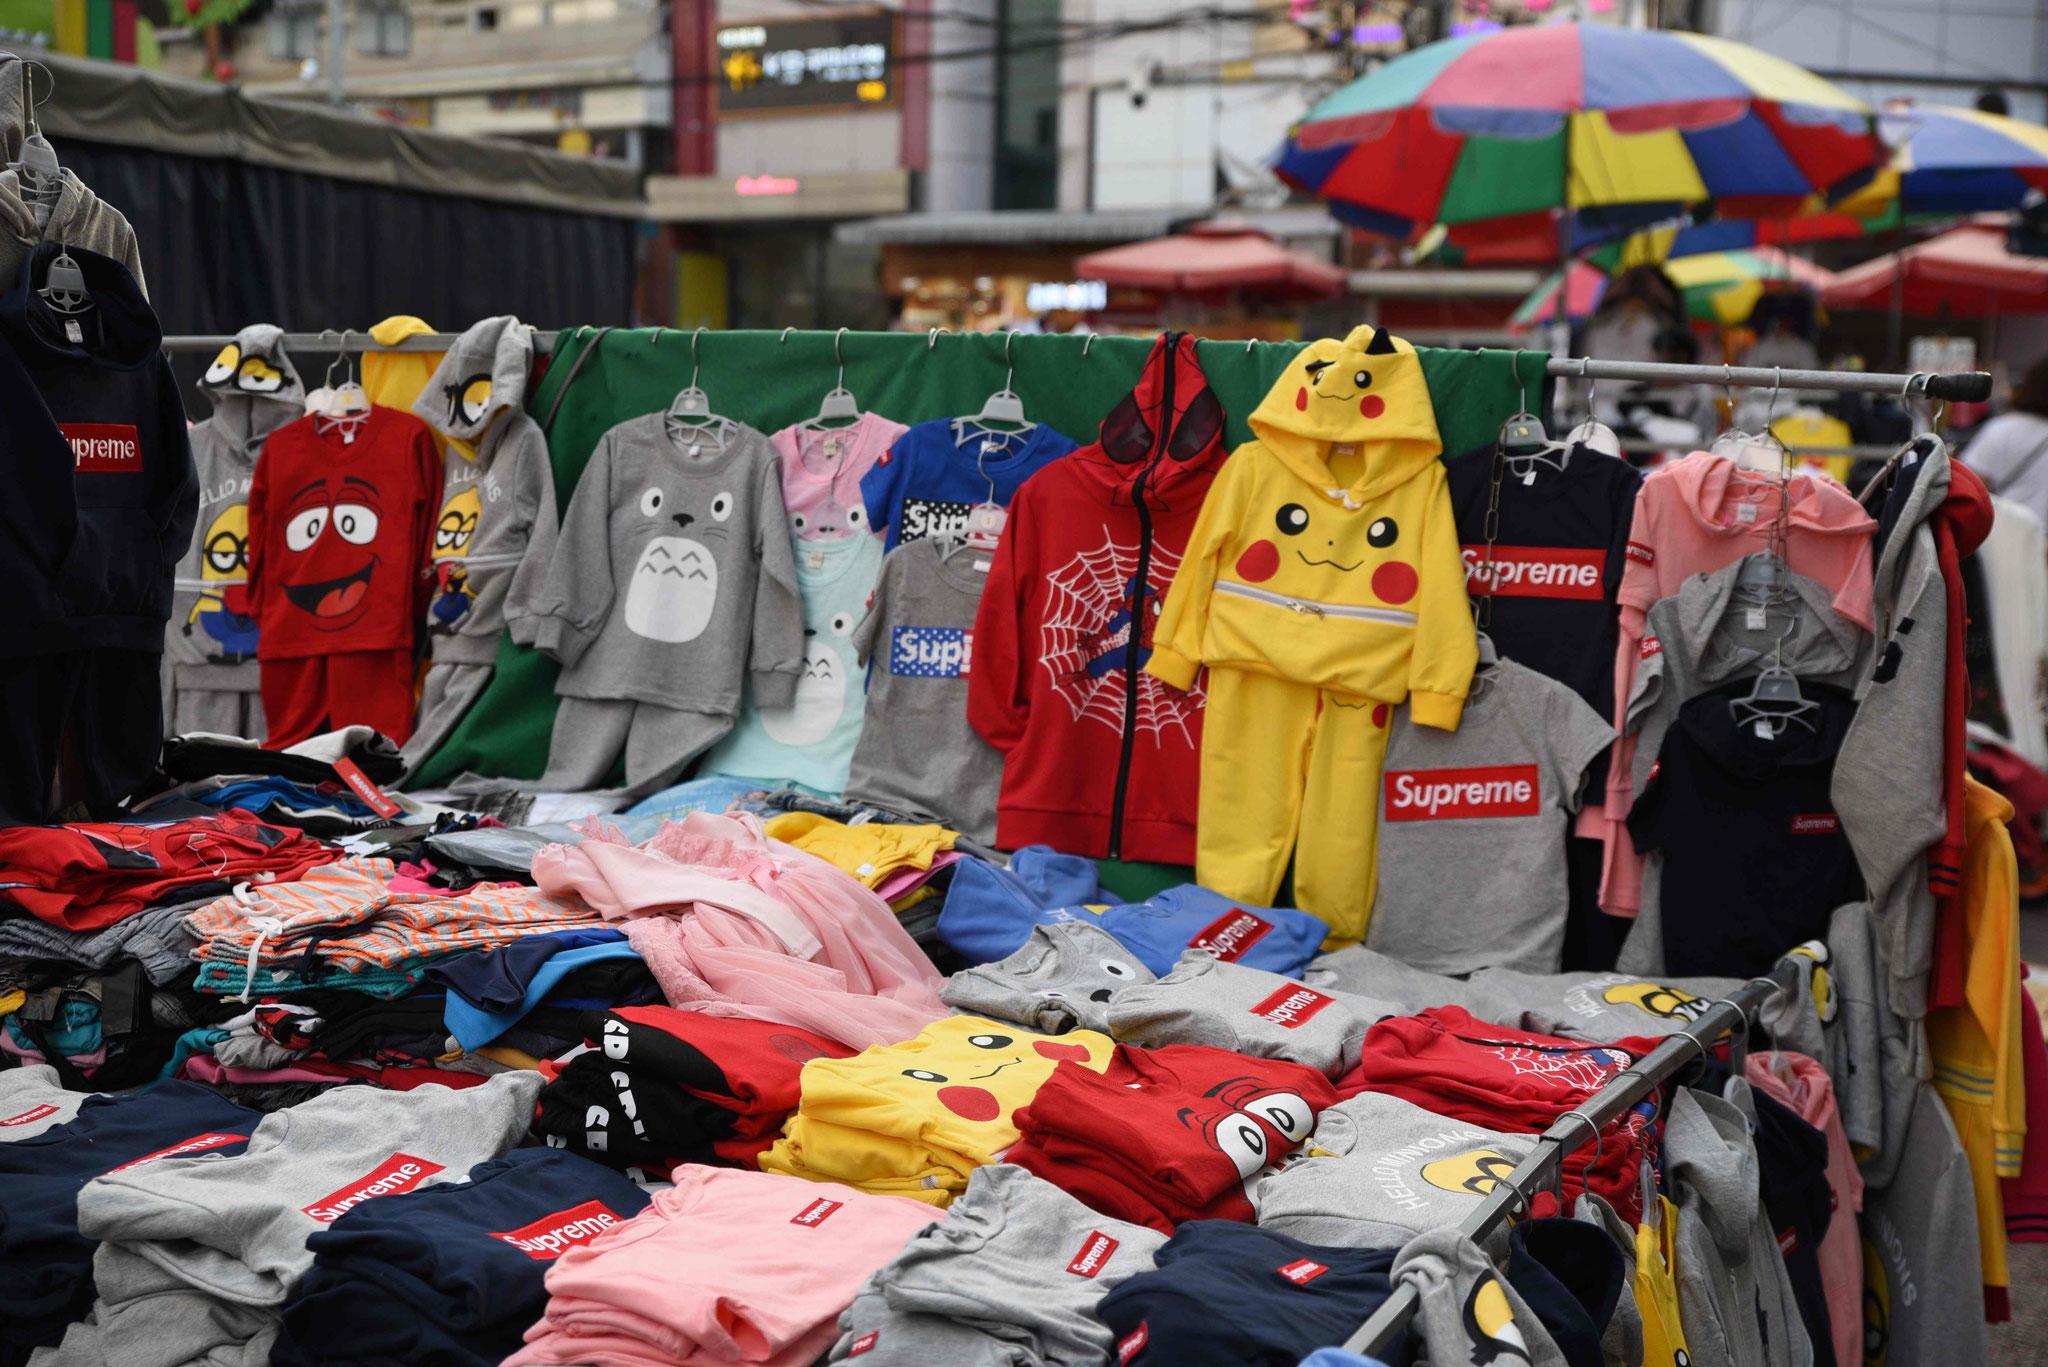 Straßenverkauf von Kinderkleidung